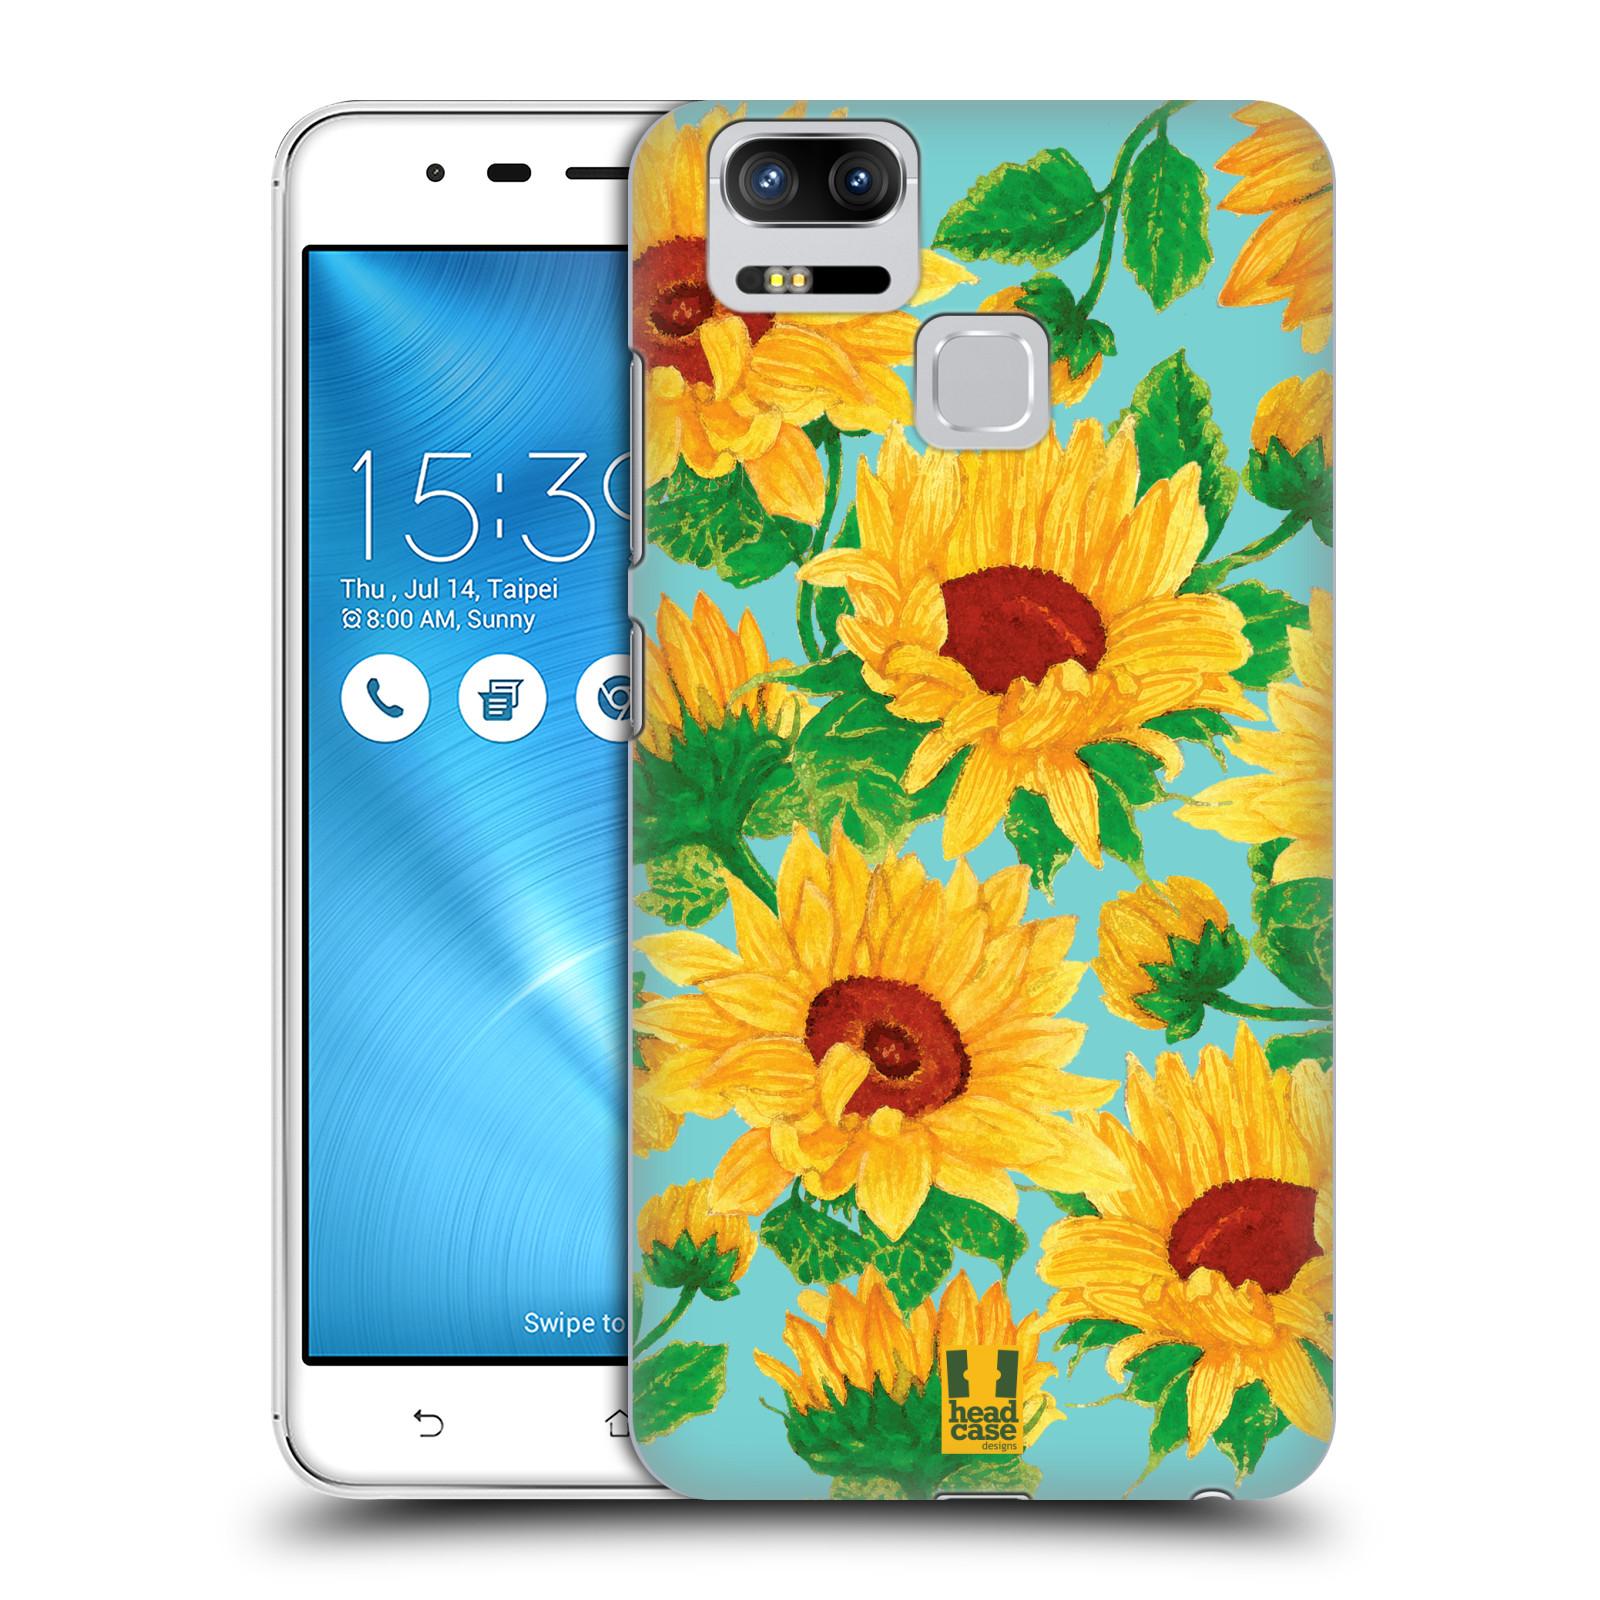 Plastové pouzdro na mobil Asus ZenFone 3 ZOOM ZE553KL - Head Case - Slunečnice (Plastový kryt či obal na mobilní telefon Asus ZenFone 3 ZOOM ZE553KL s motivem Slunečnice)